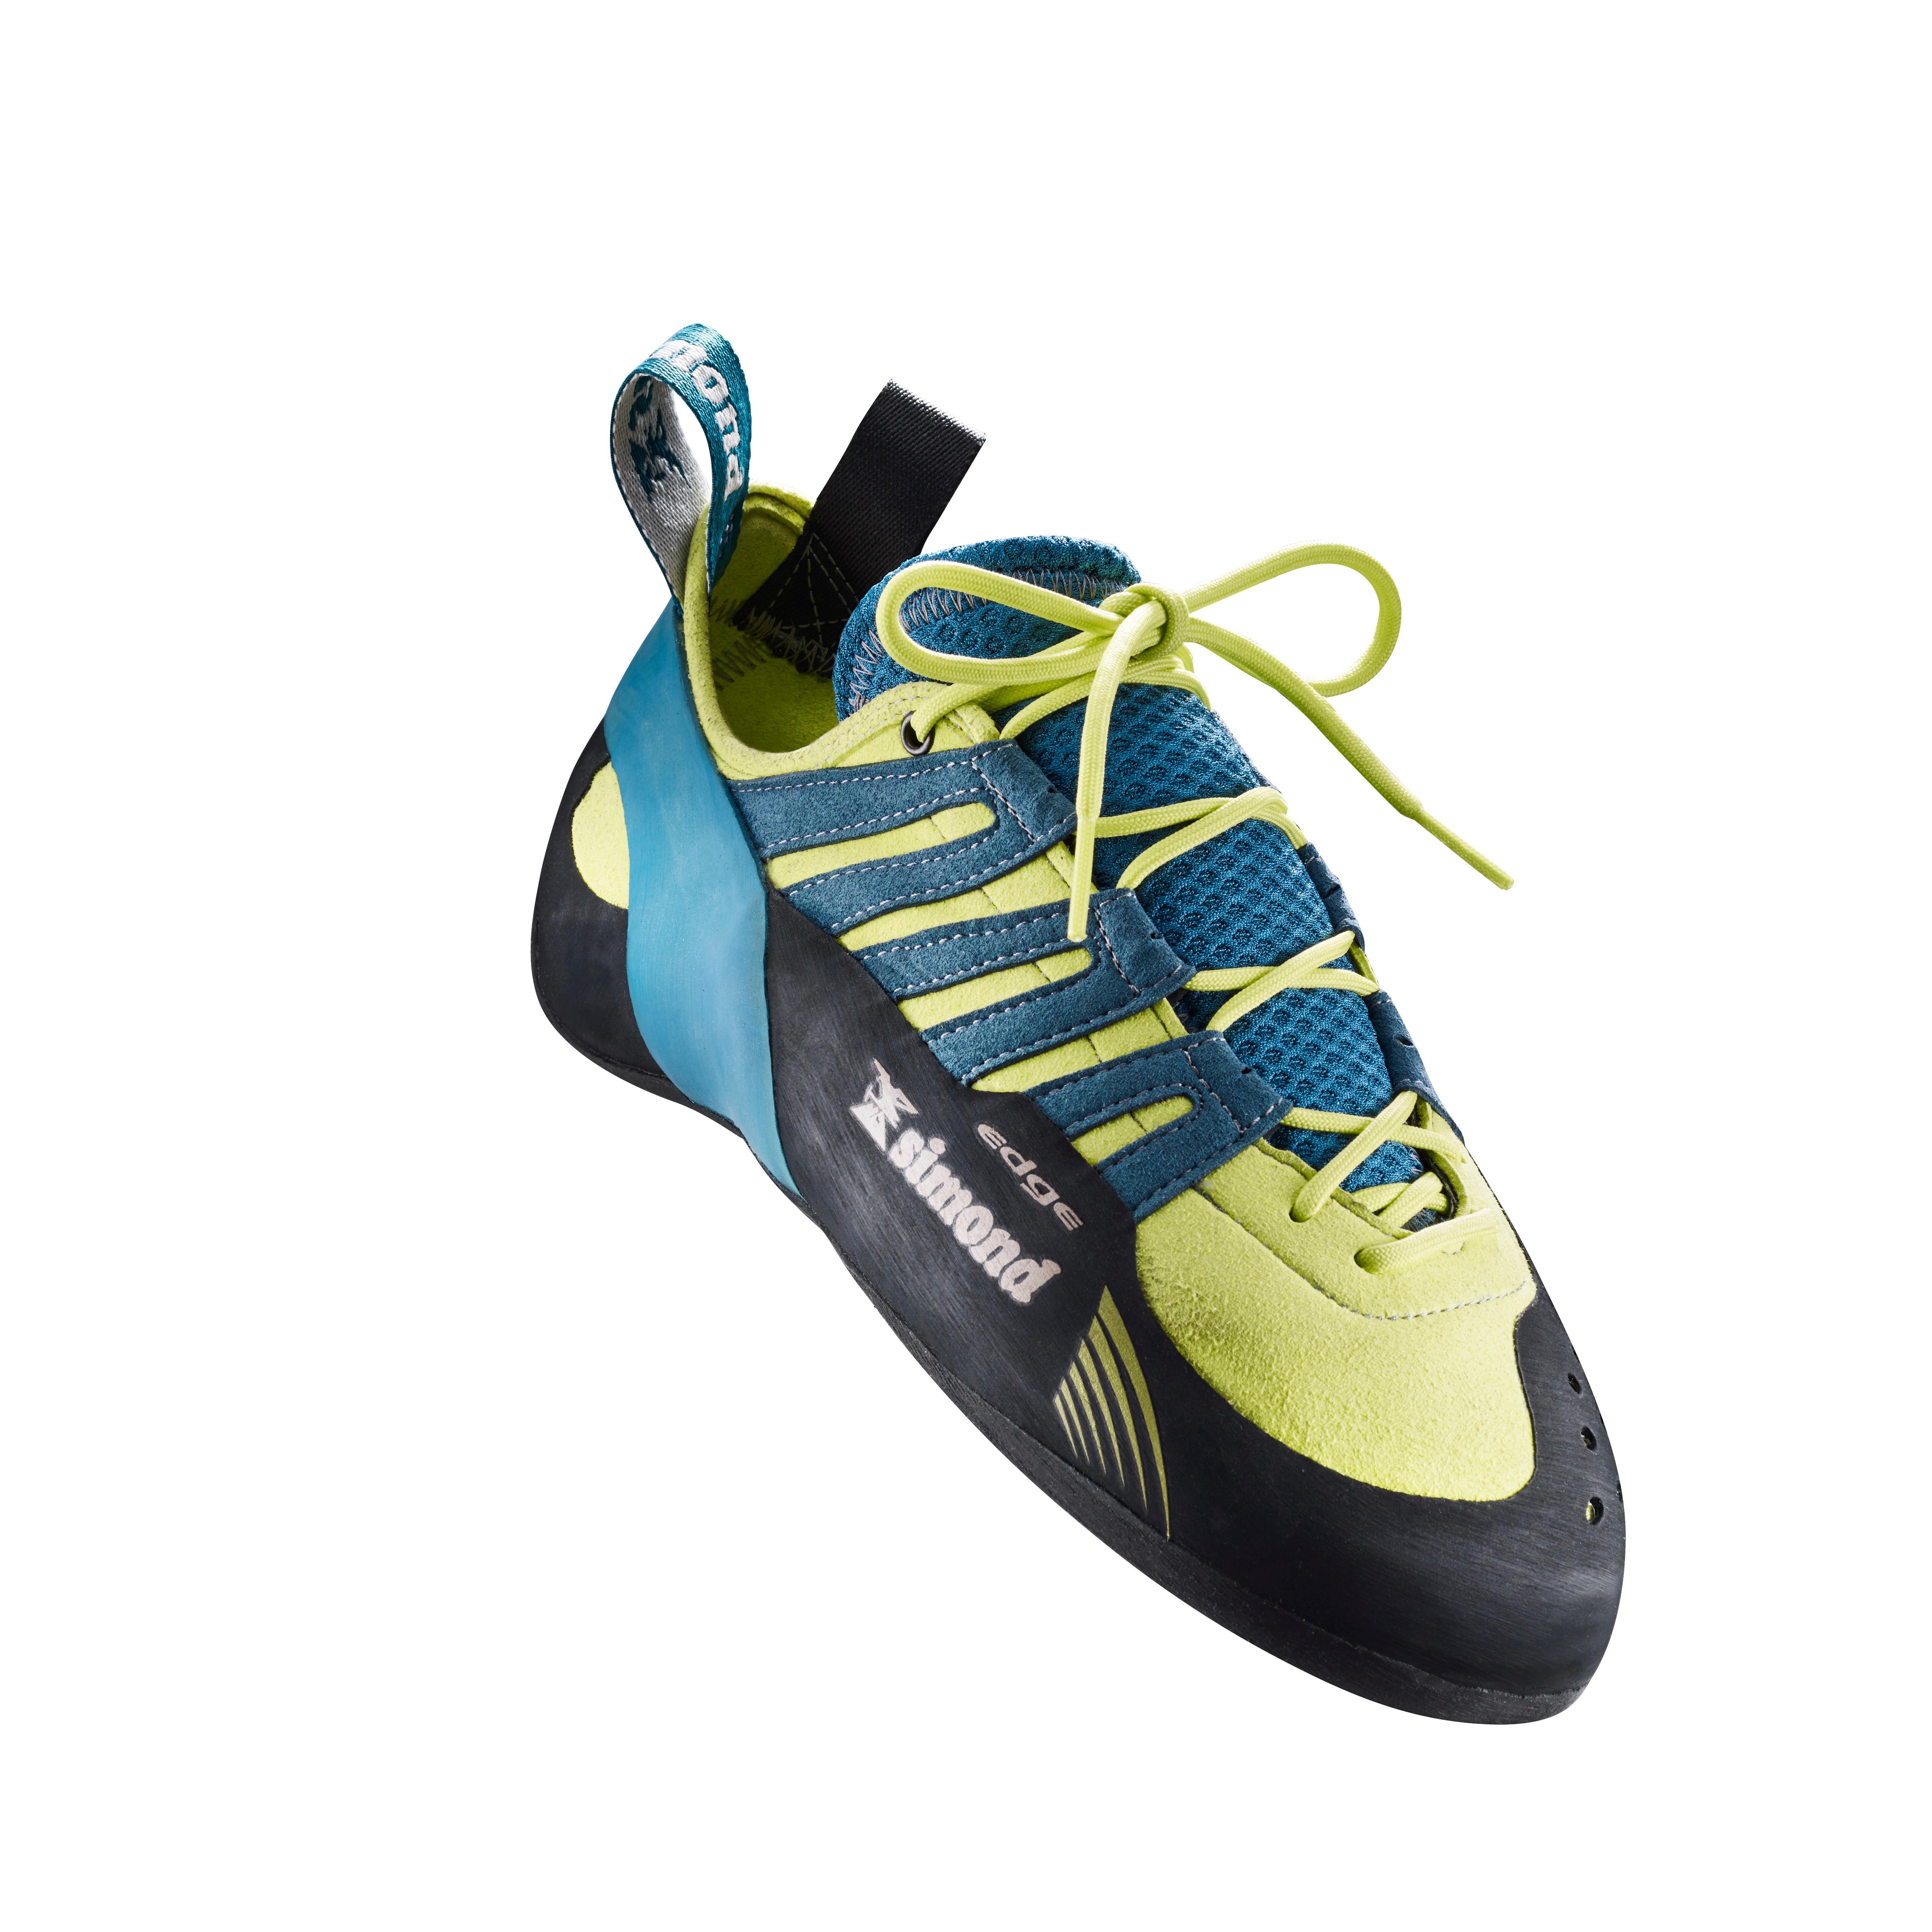 Kletterschuhe Edge 2 Schnürung Kinder/Erwachsene   Schuhe > Outdoorschuhe > Kletterschuhe   Simond